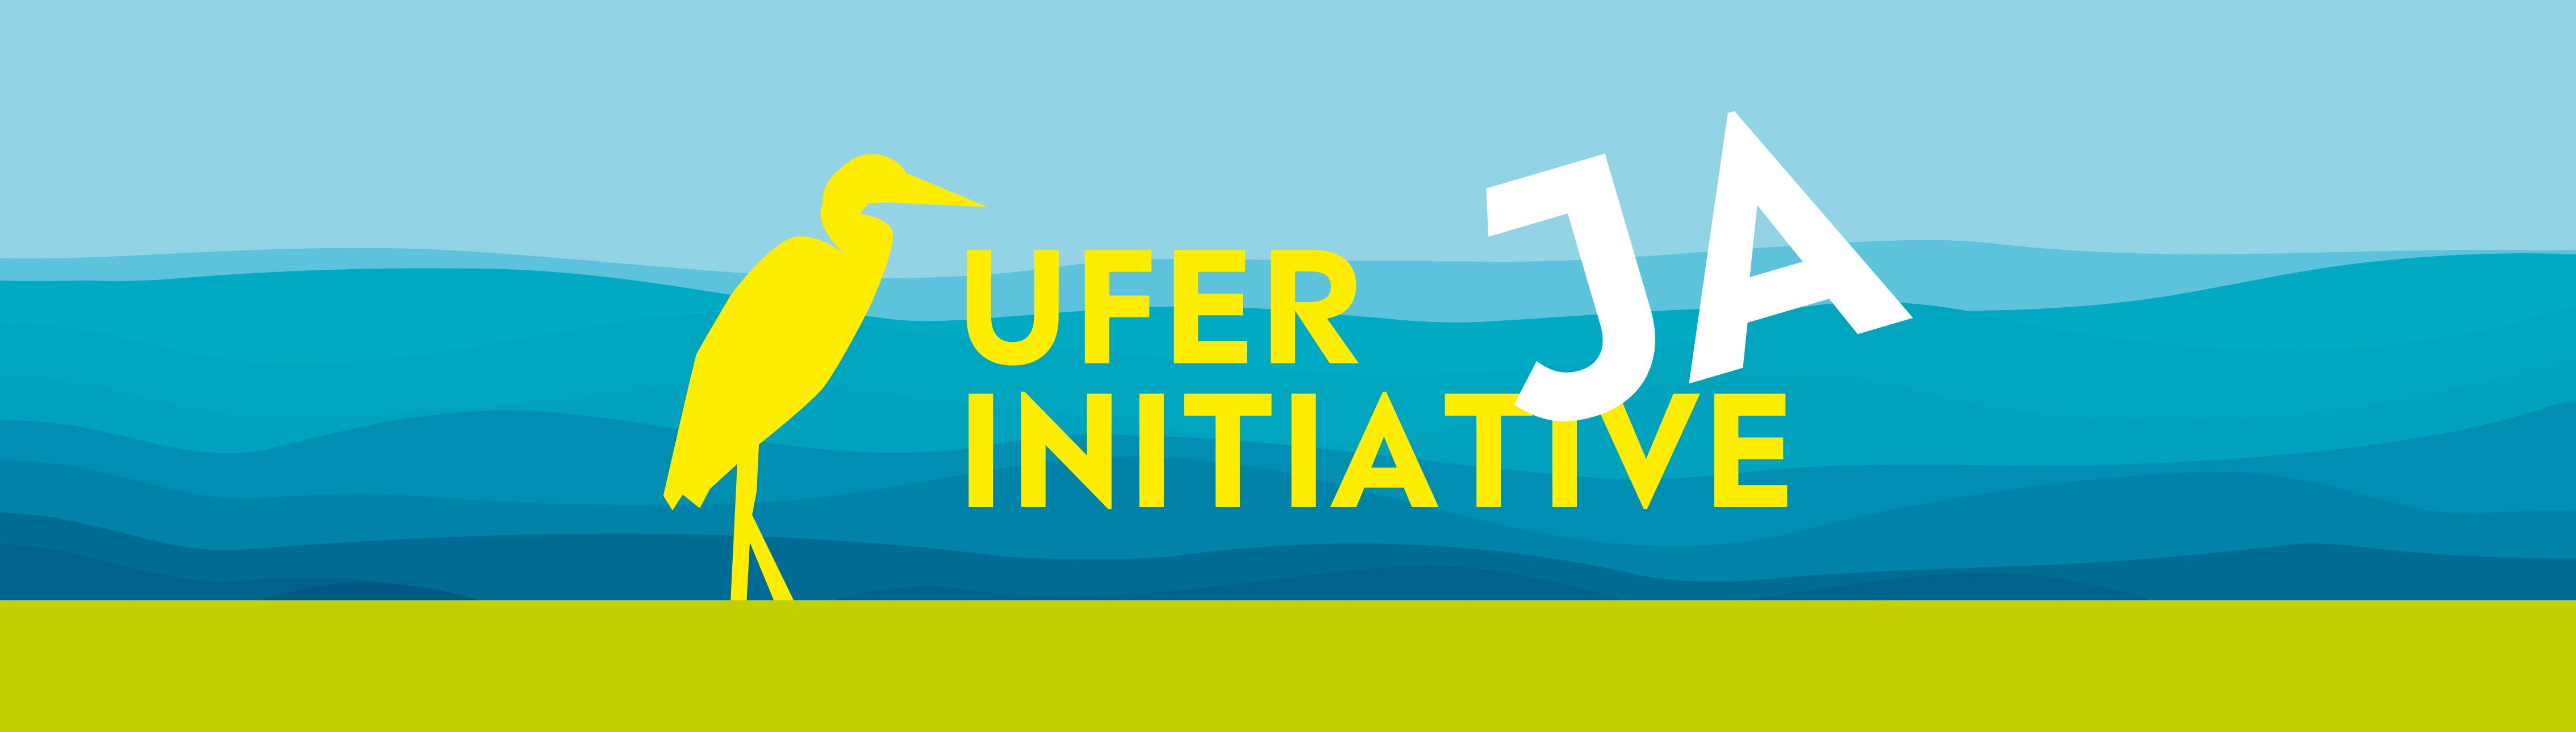 JA zum Seeuferweg Initiative